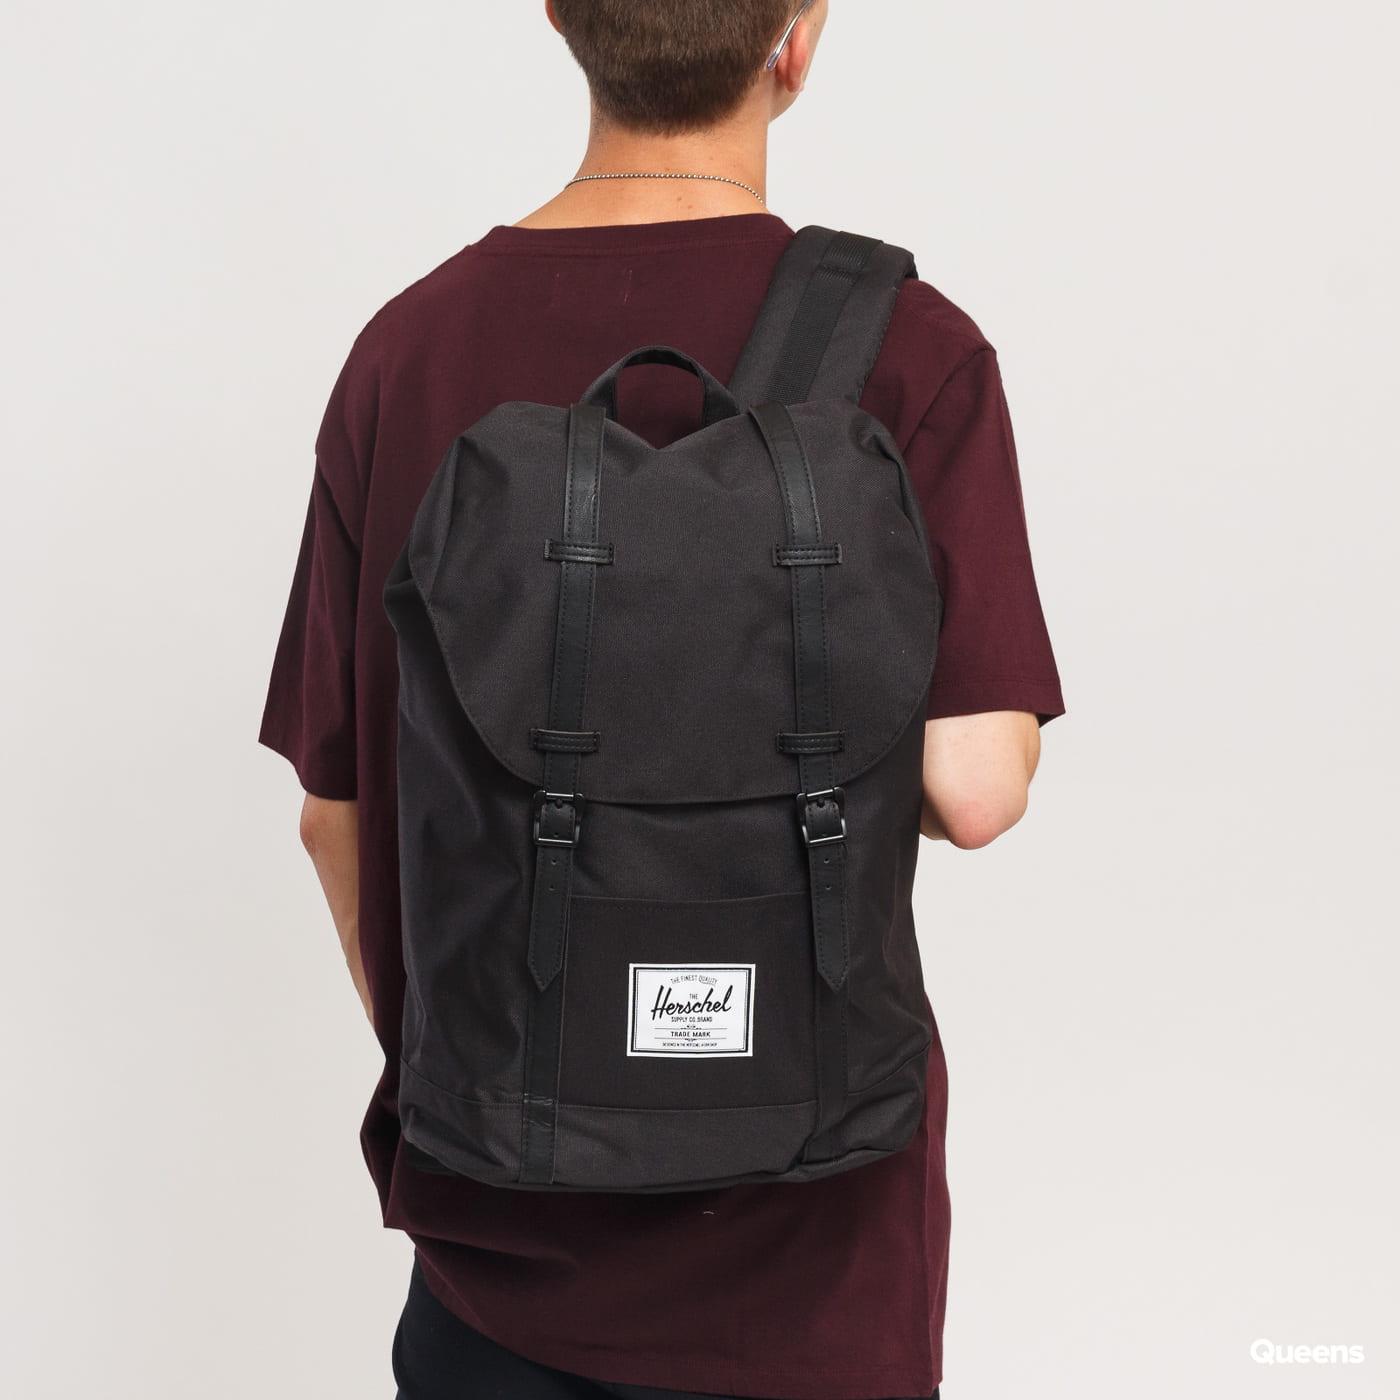 The Herschel Supply CO. Rerreat Backpack schwarz